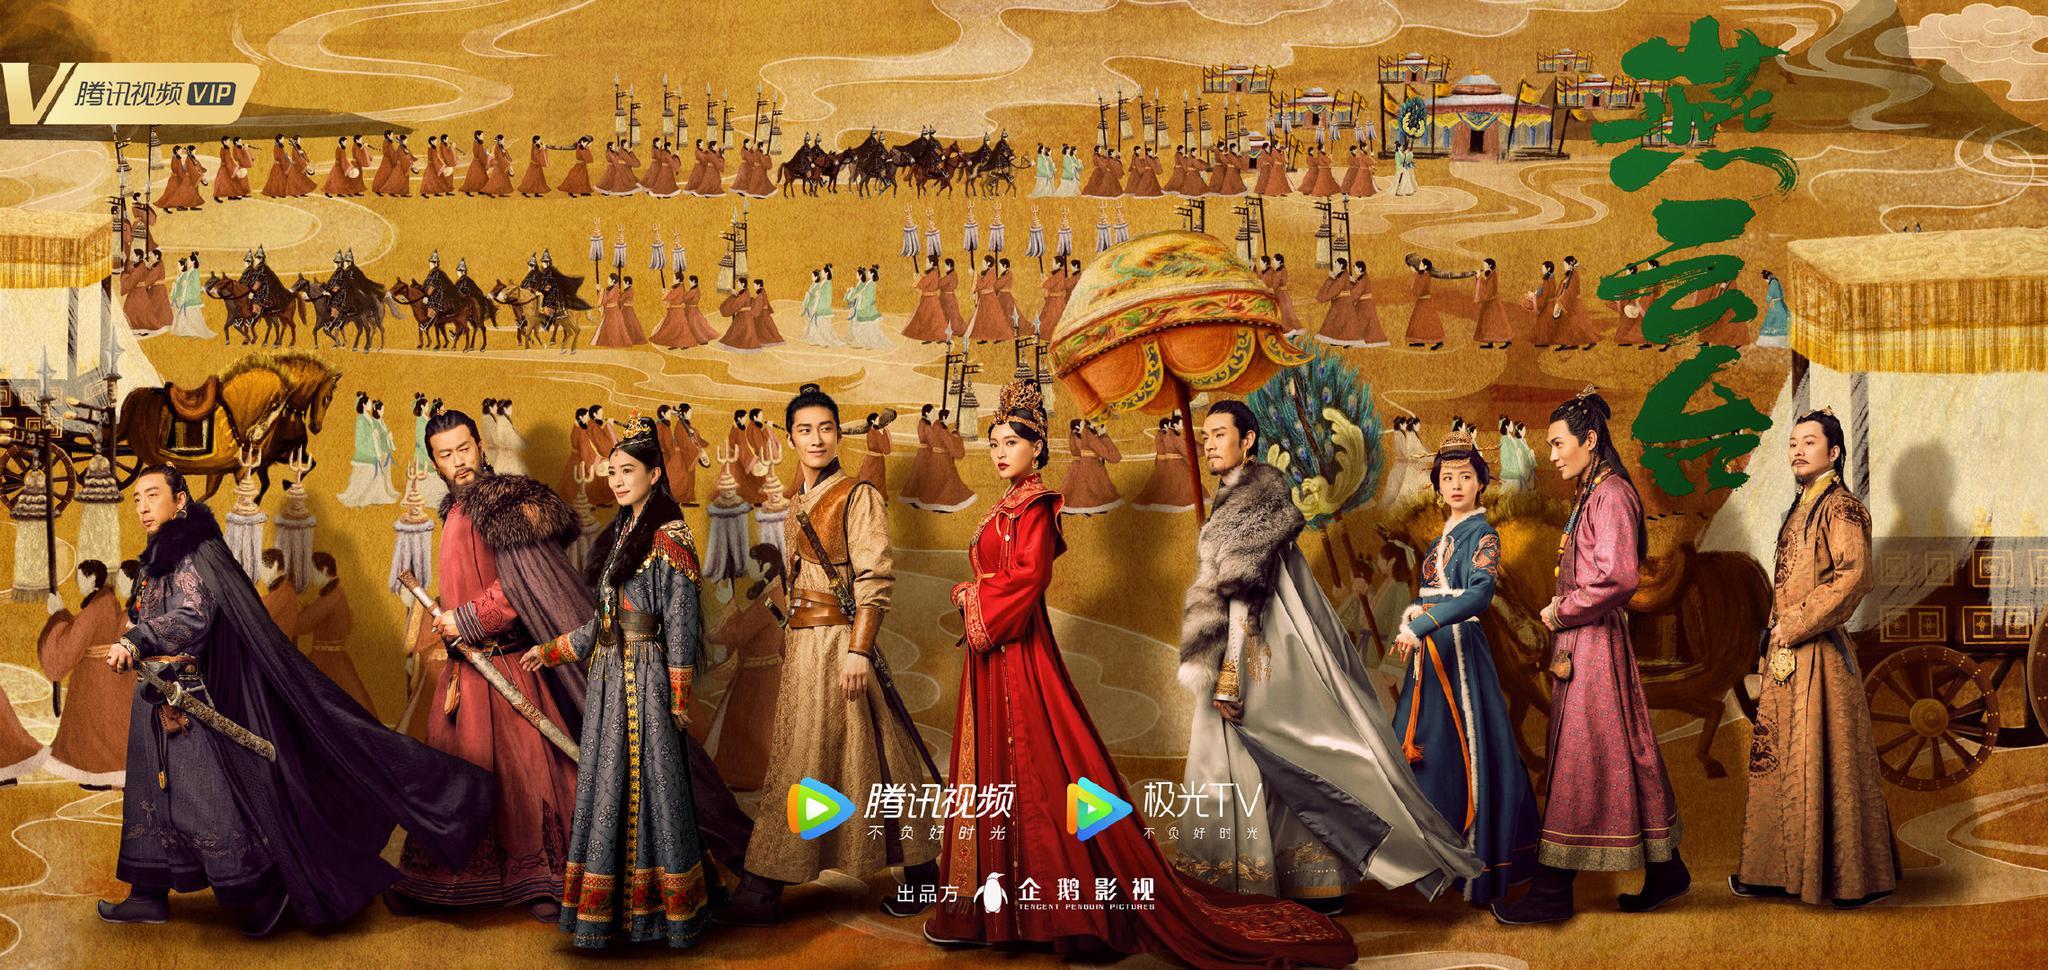 唐嫣、佘诗曼、窦骁主演的《燕云台》发布辽风群像海报